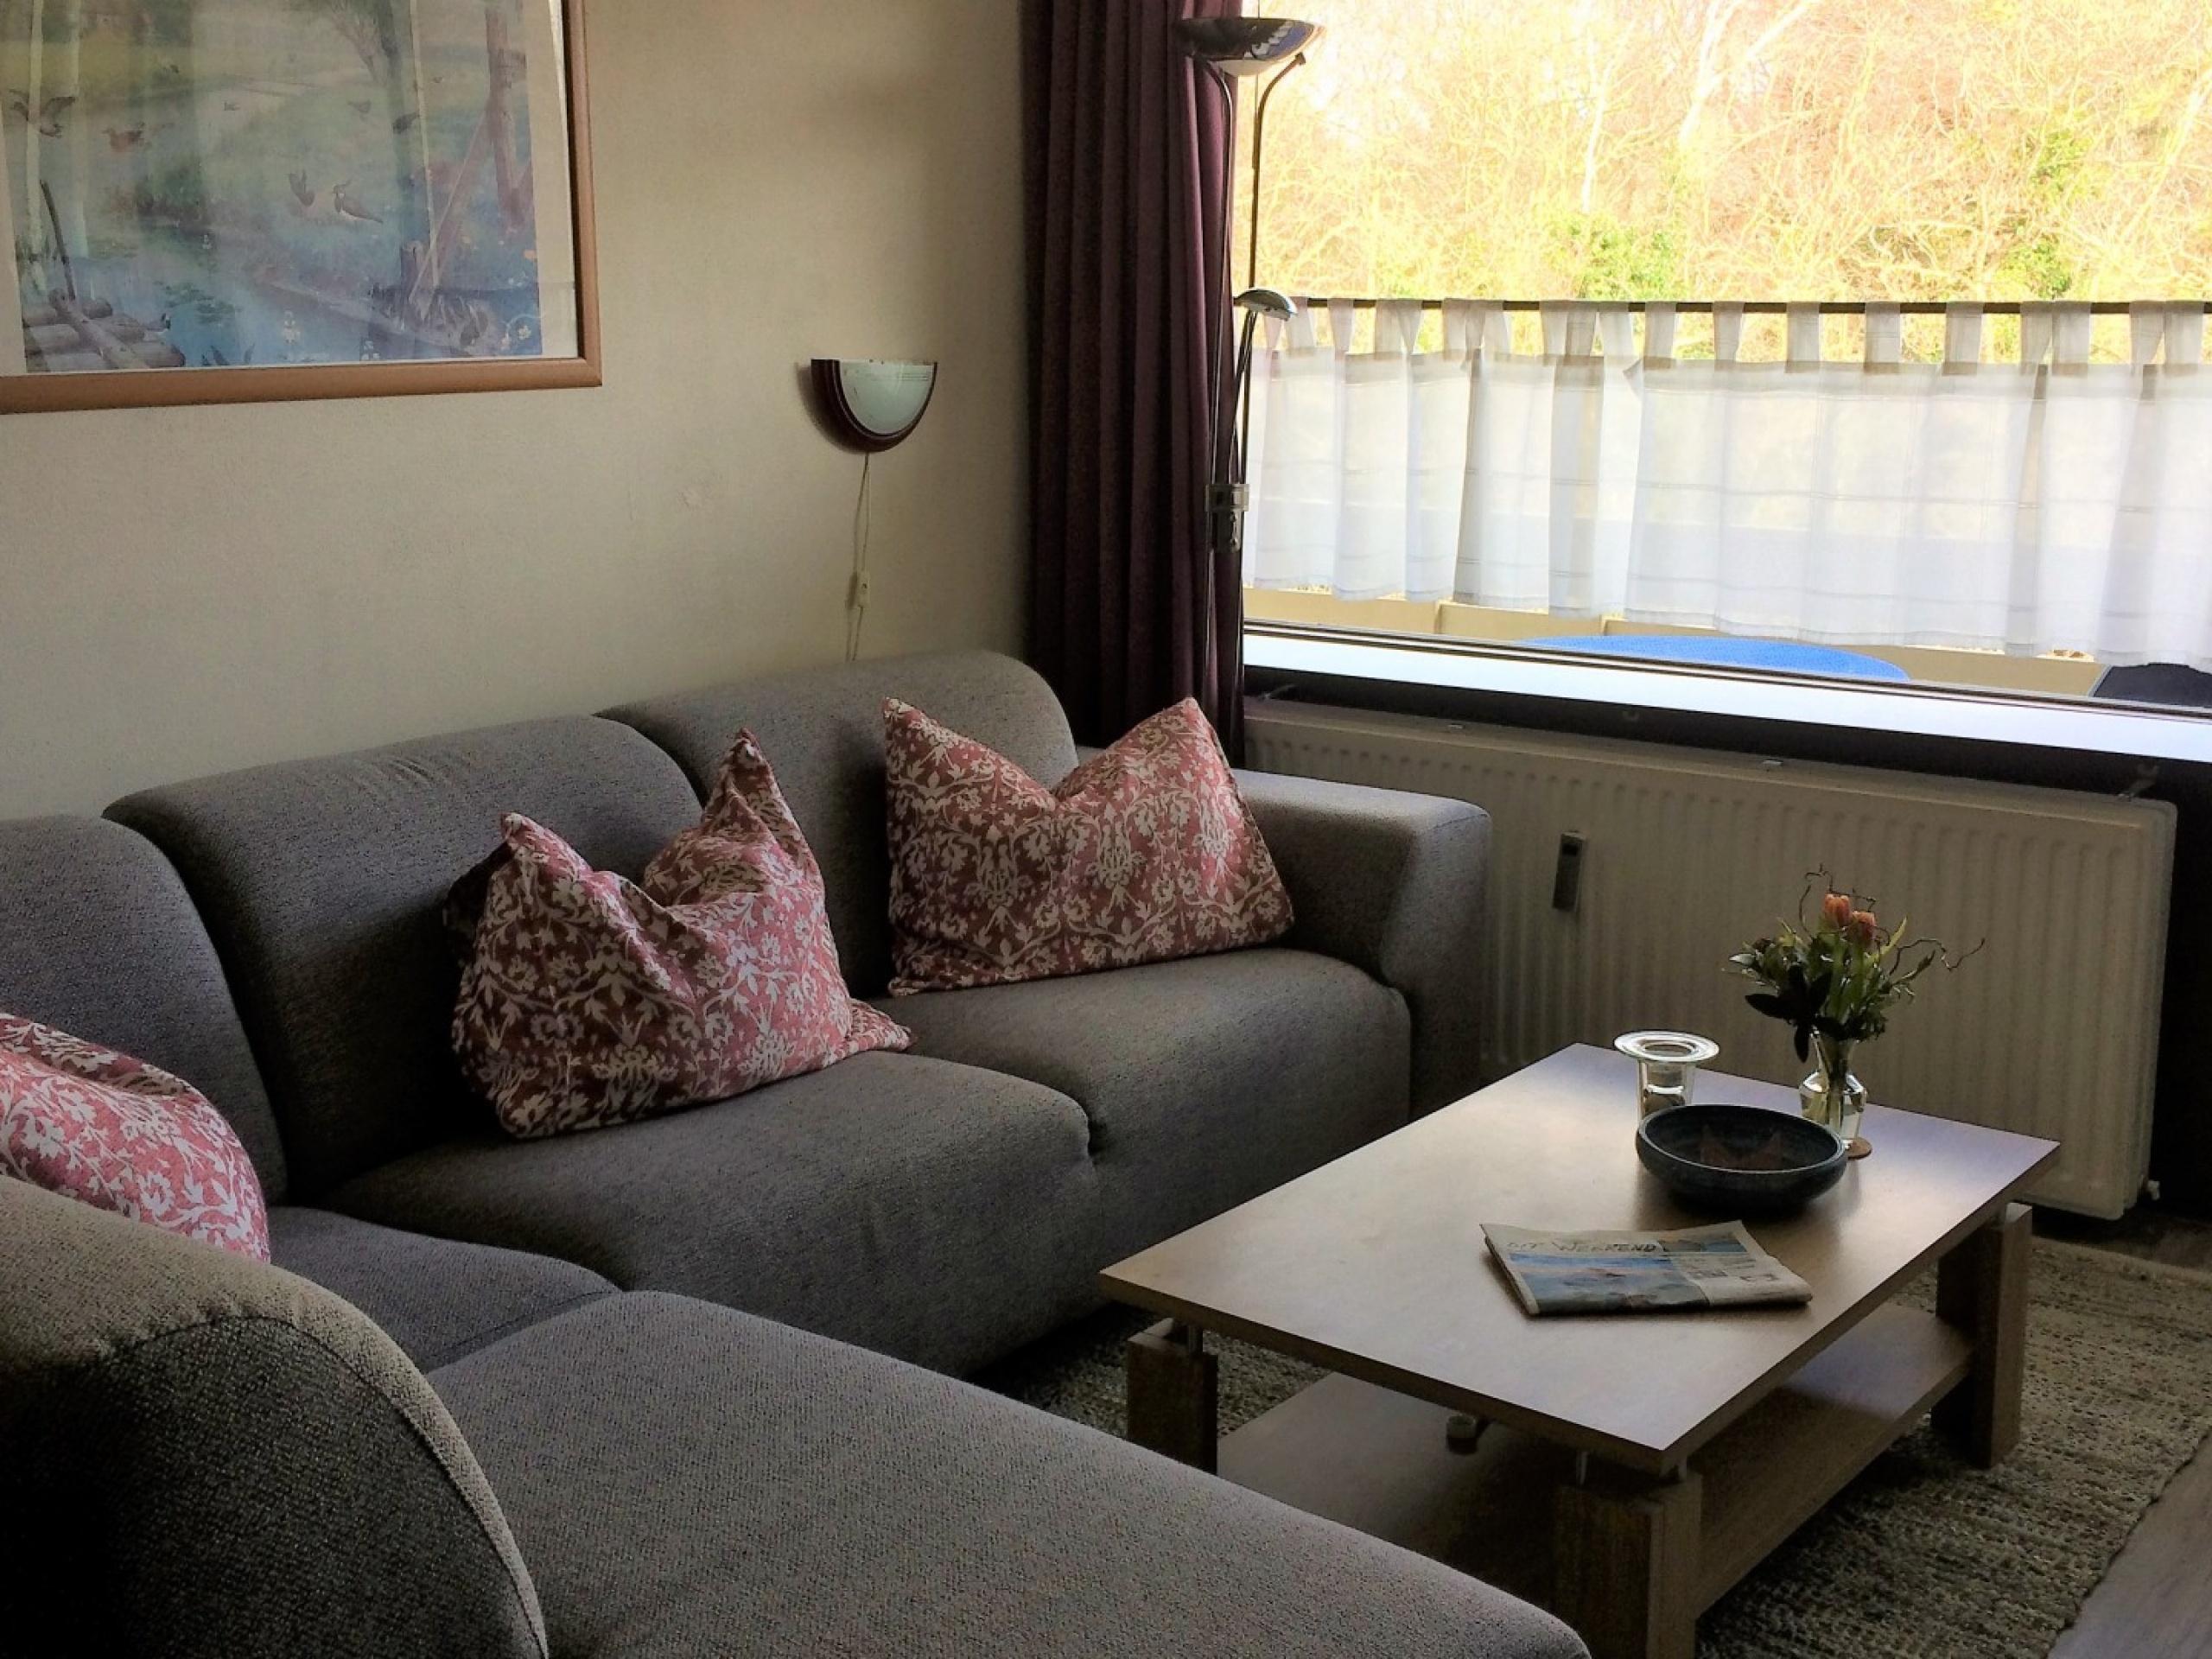 Angenehmes Appartement, schön eingerichtet.